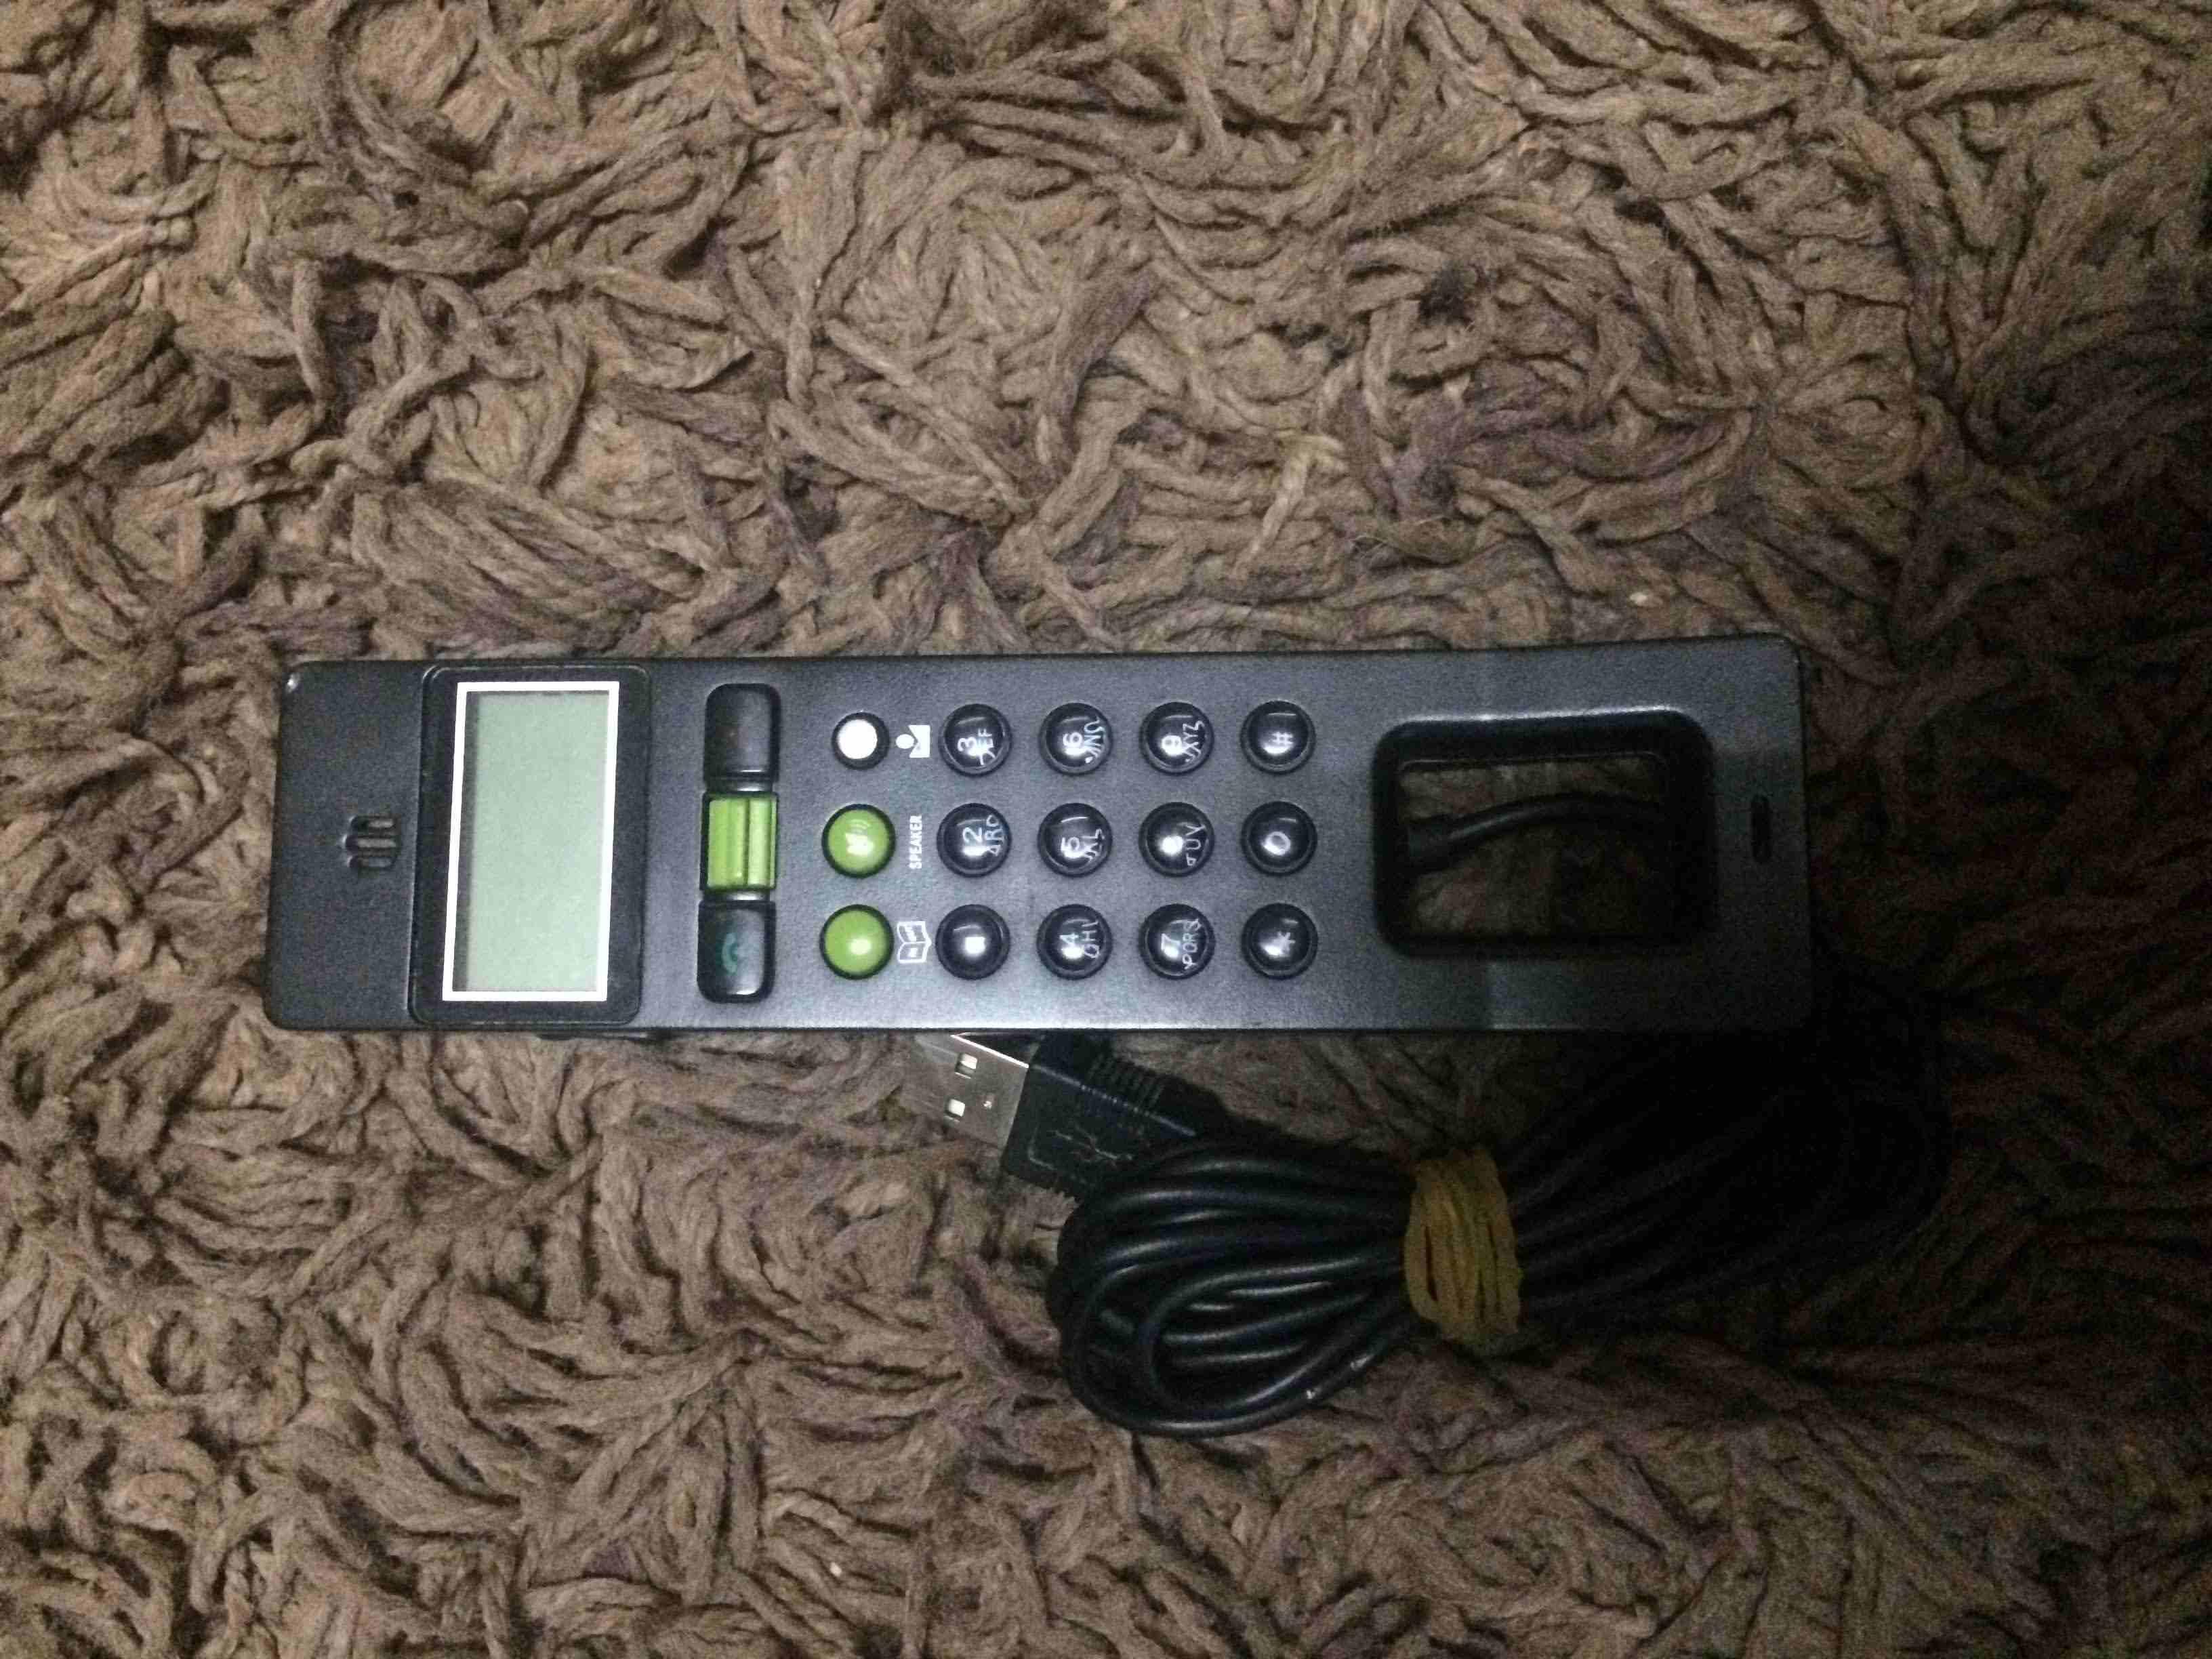 هاتف usb خاص لبرامج الأتصال على الكمبيوتر والاب توب متوافق مع تطبيق...